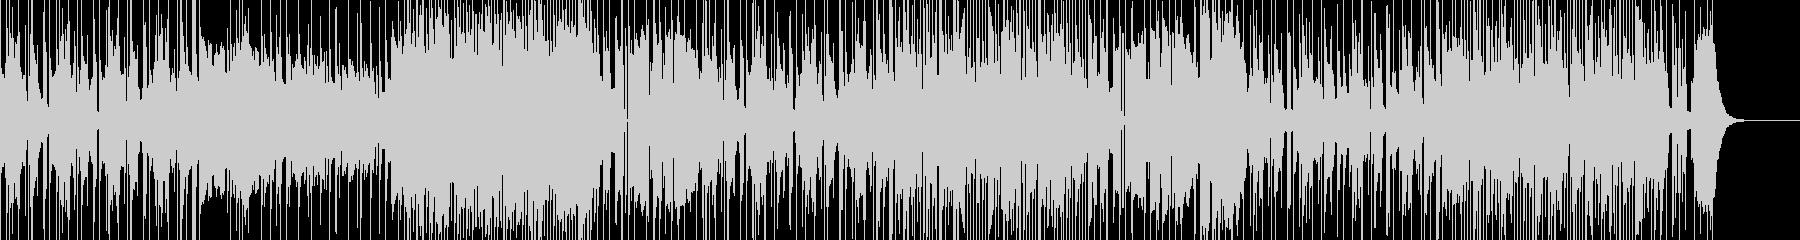 熱帯夜をのり切るメタルなファンク・ロックの未再生の波形